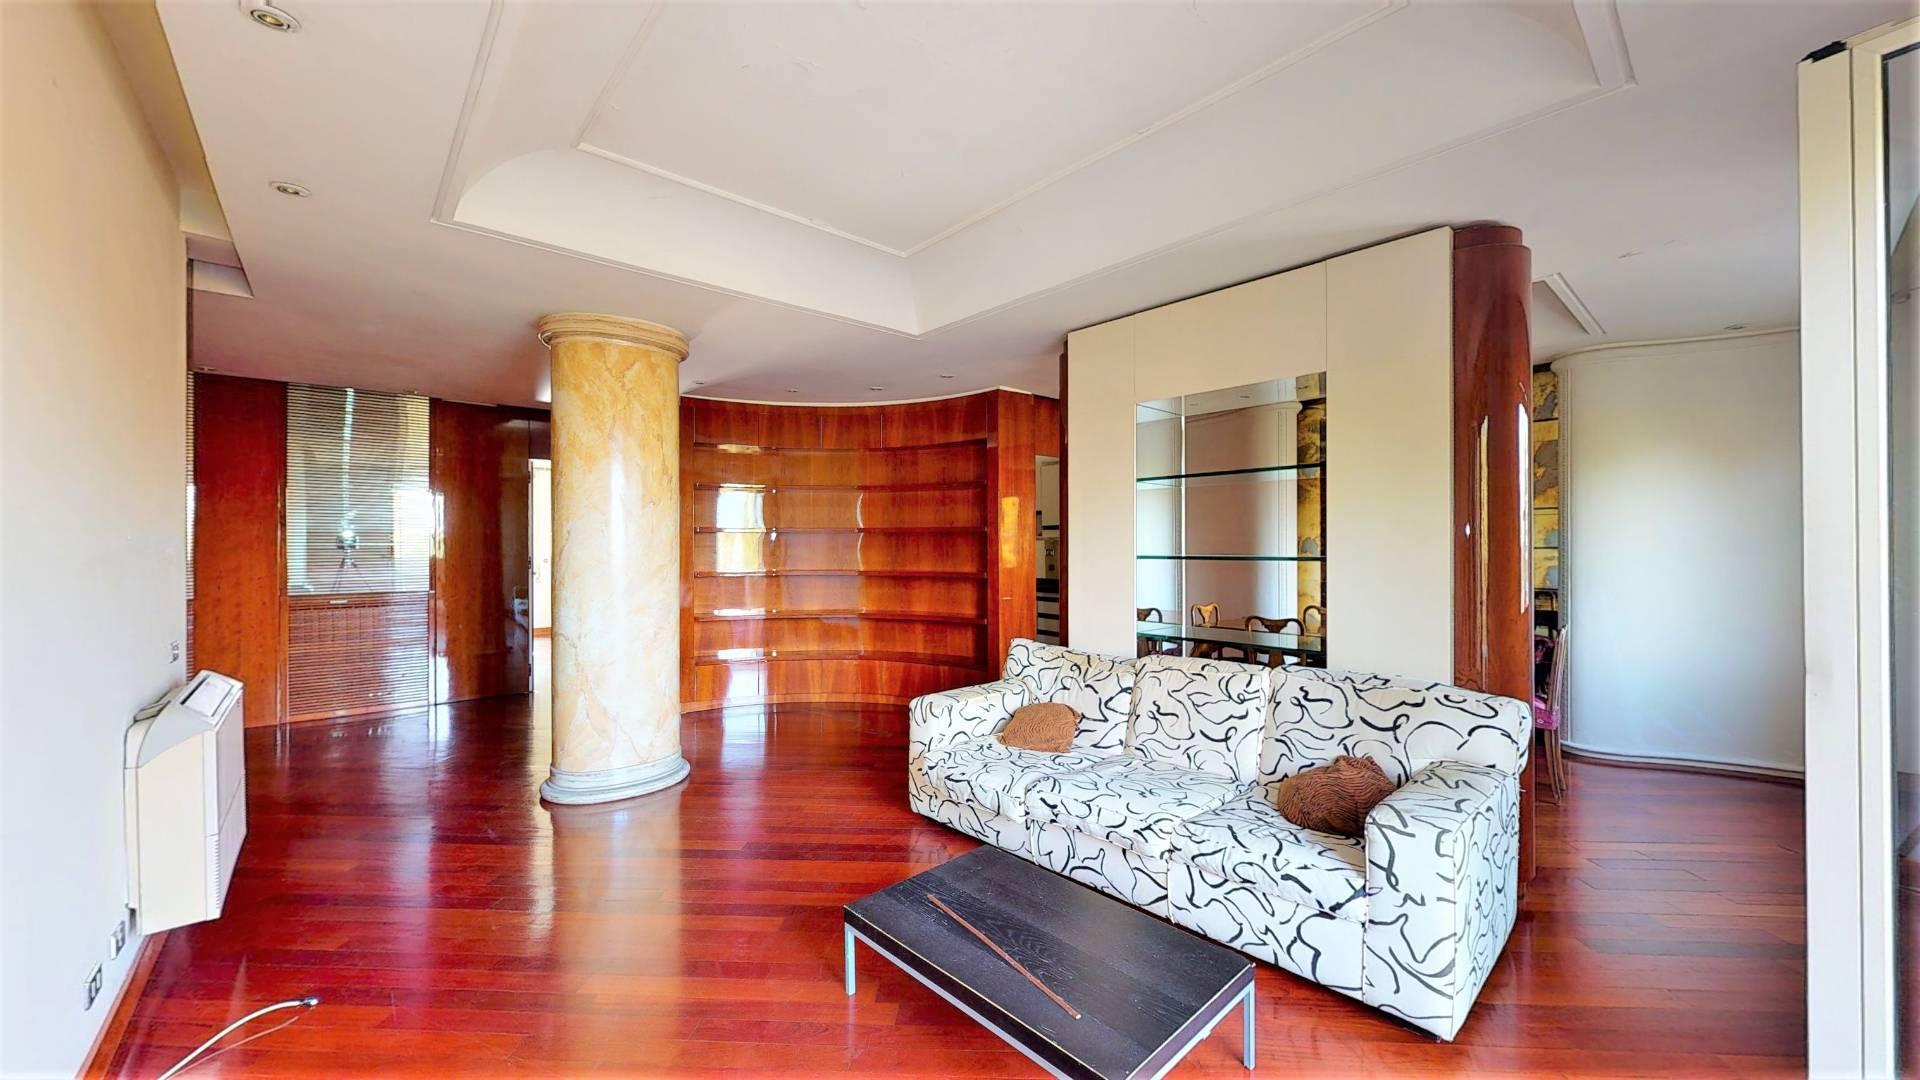 1118418243 Trilocale in Largo Preneste, Roma, Zona Acqua Bullicante